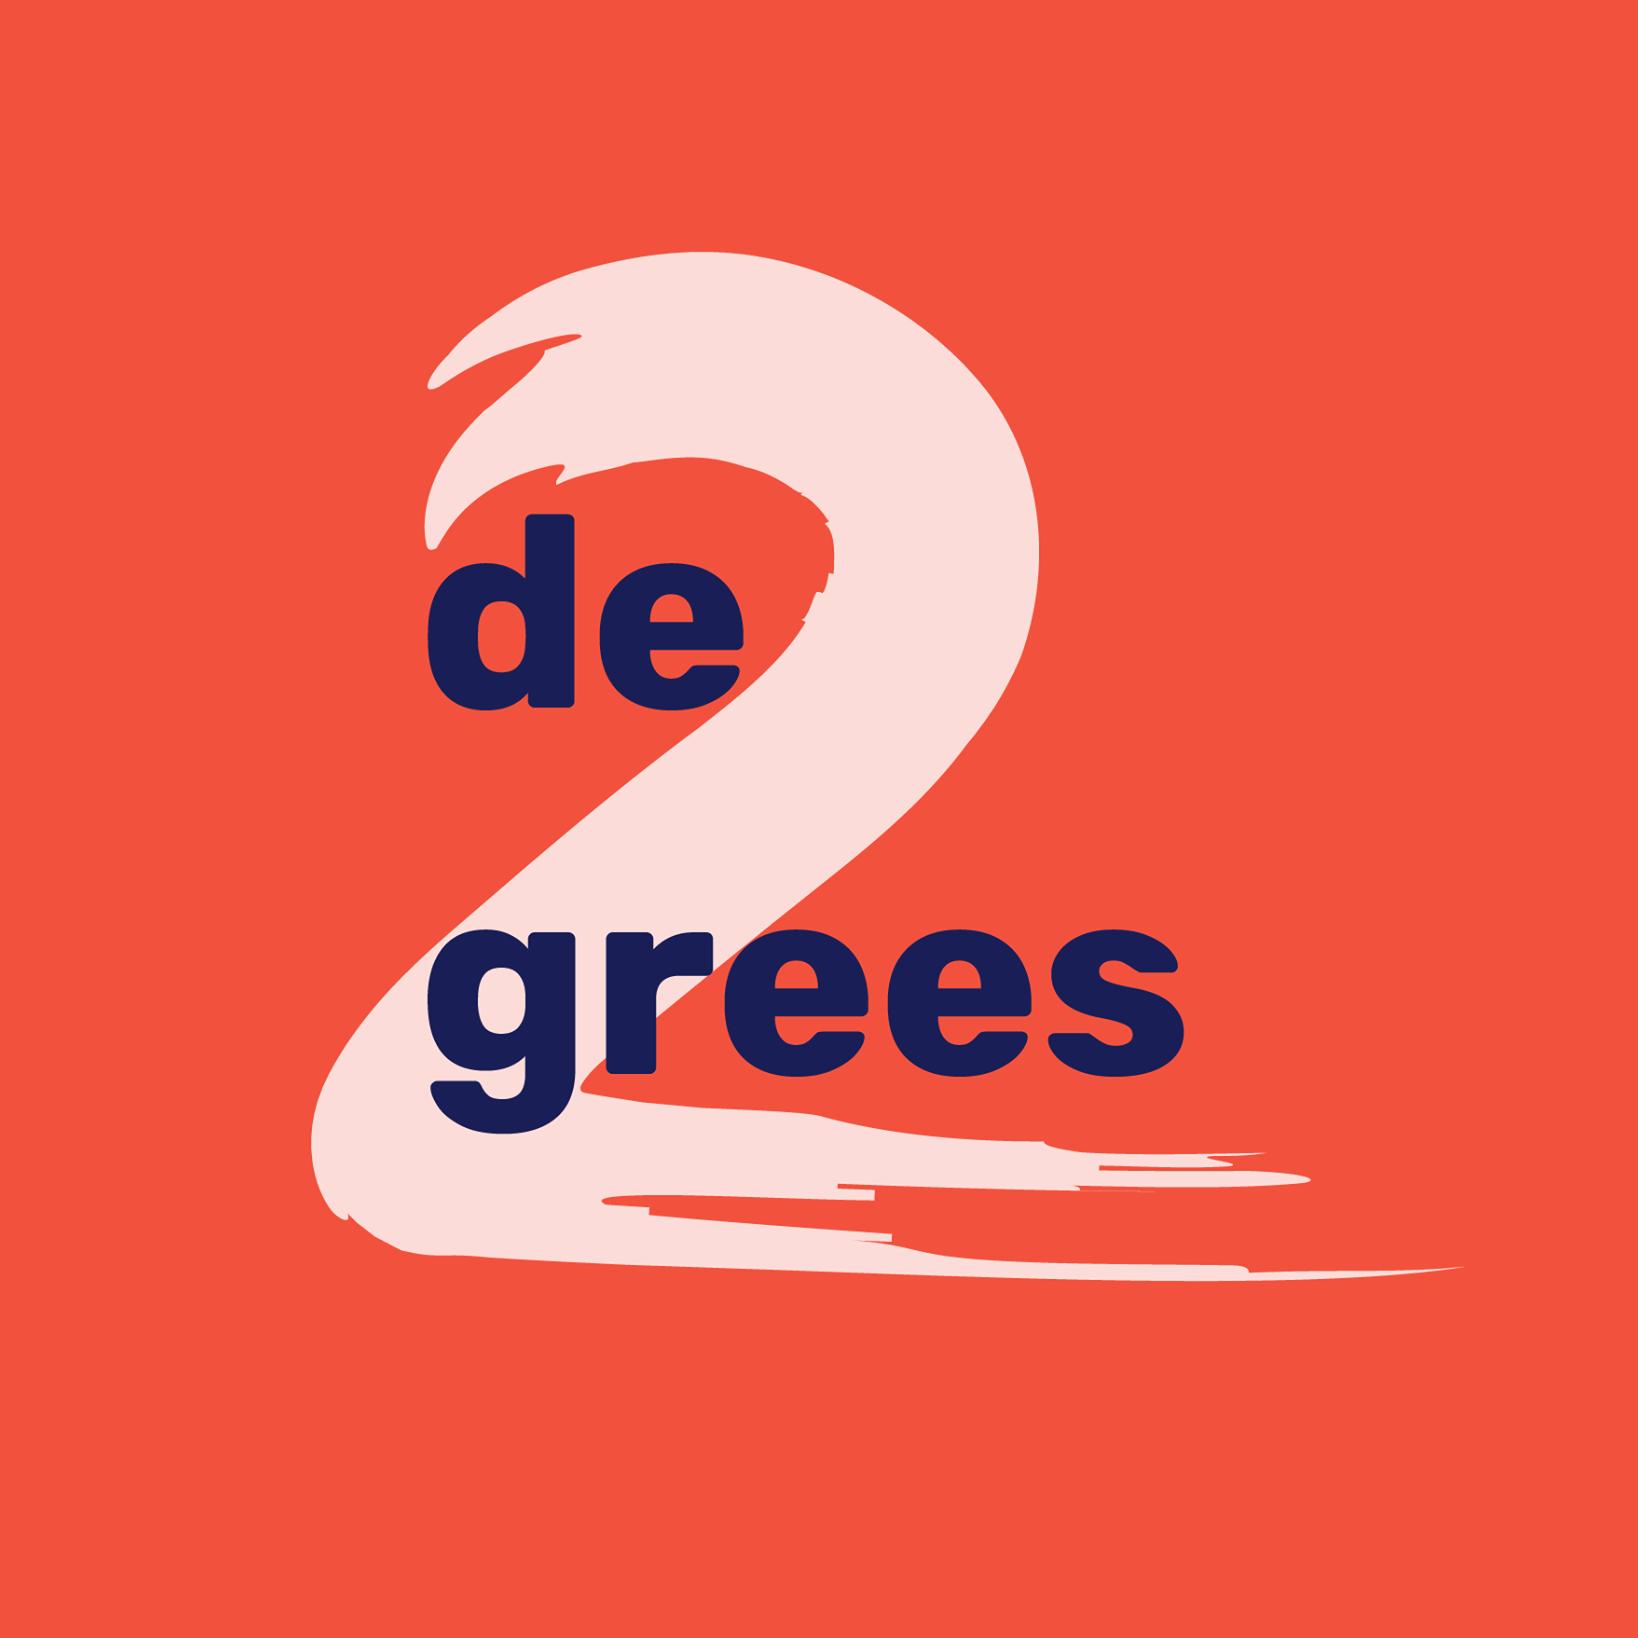 2degreesartivism_logo